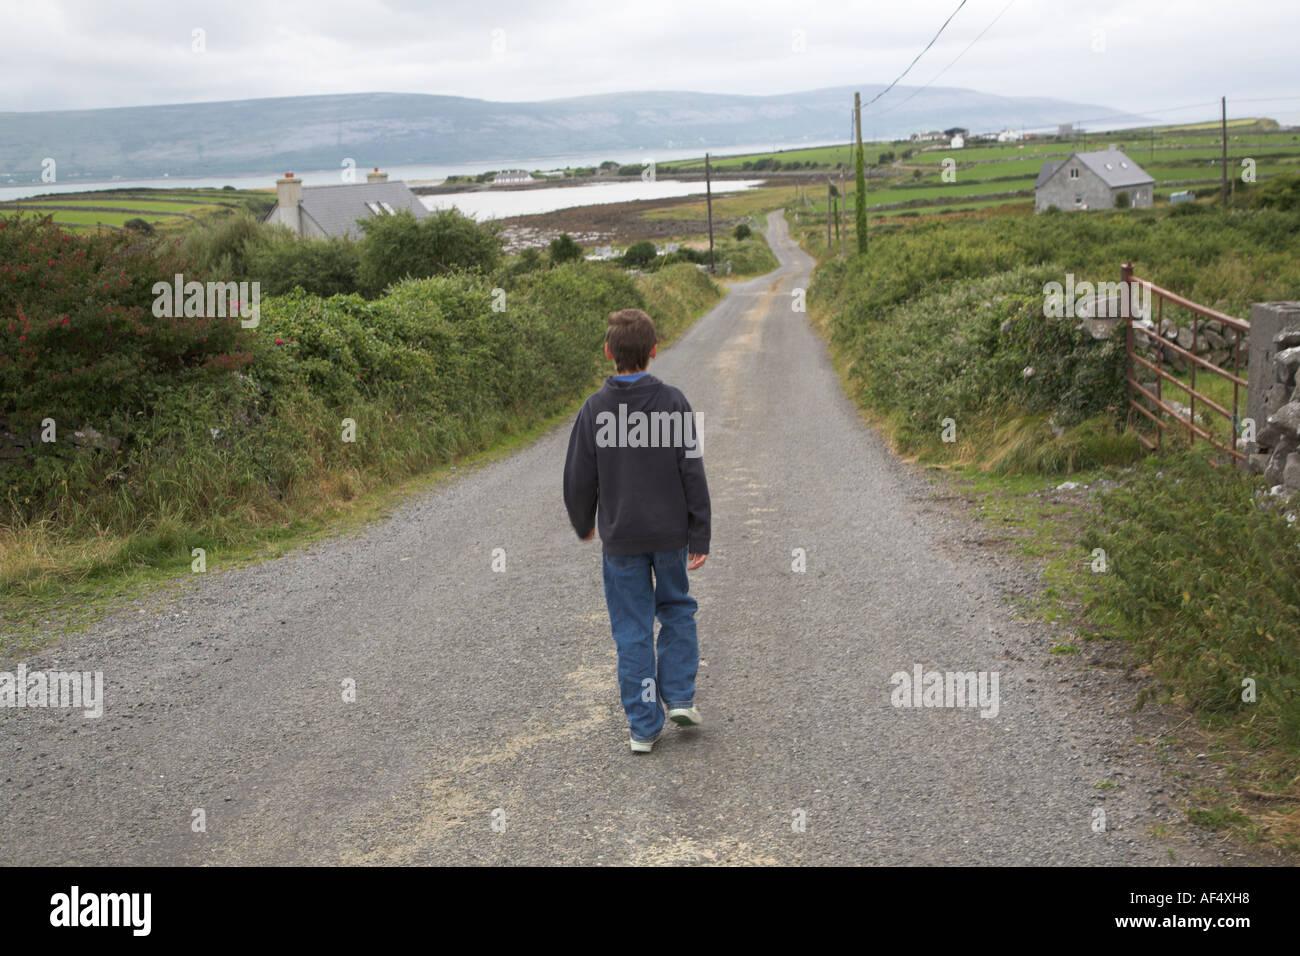 boy walking alone on road - photo #5